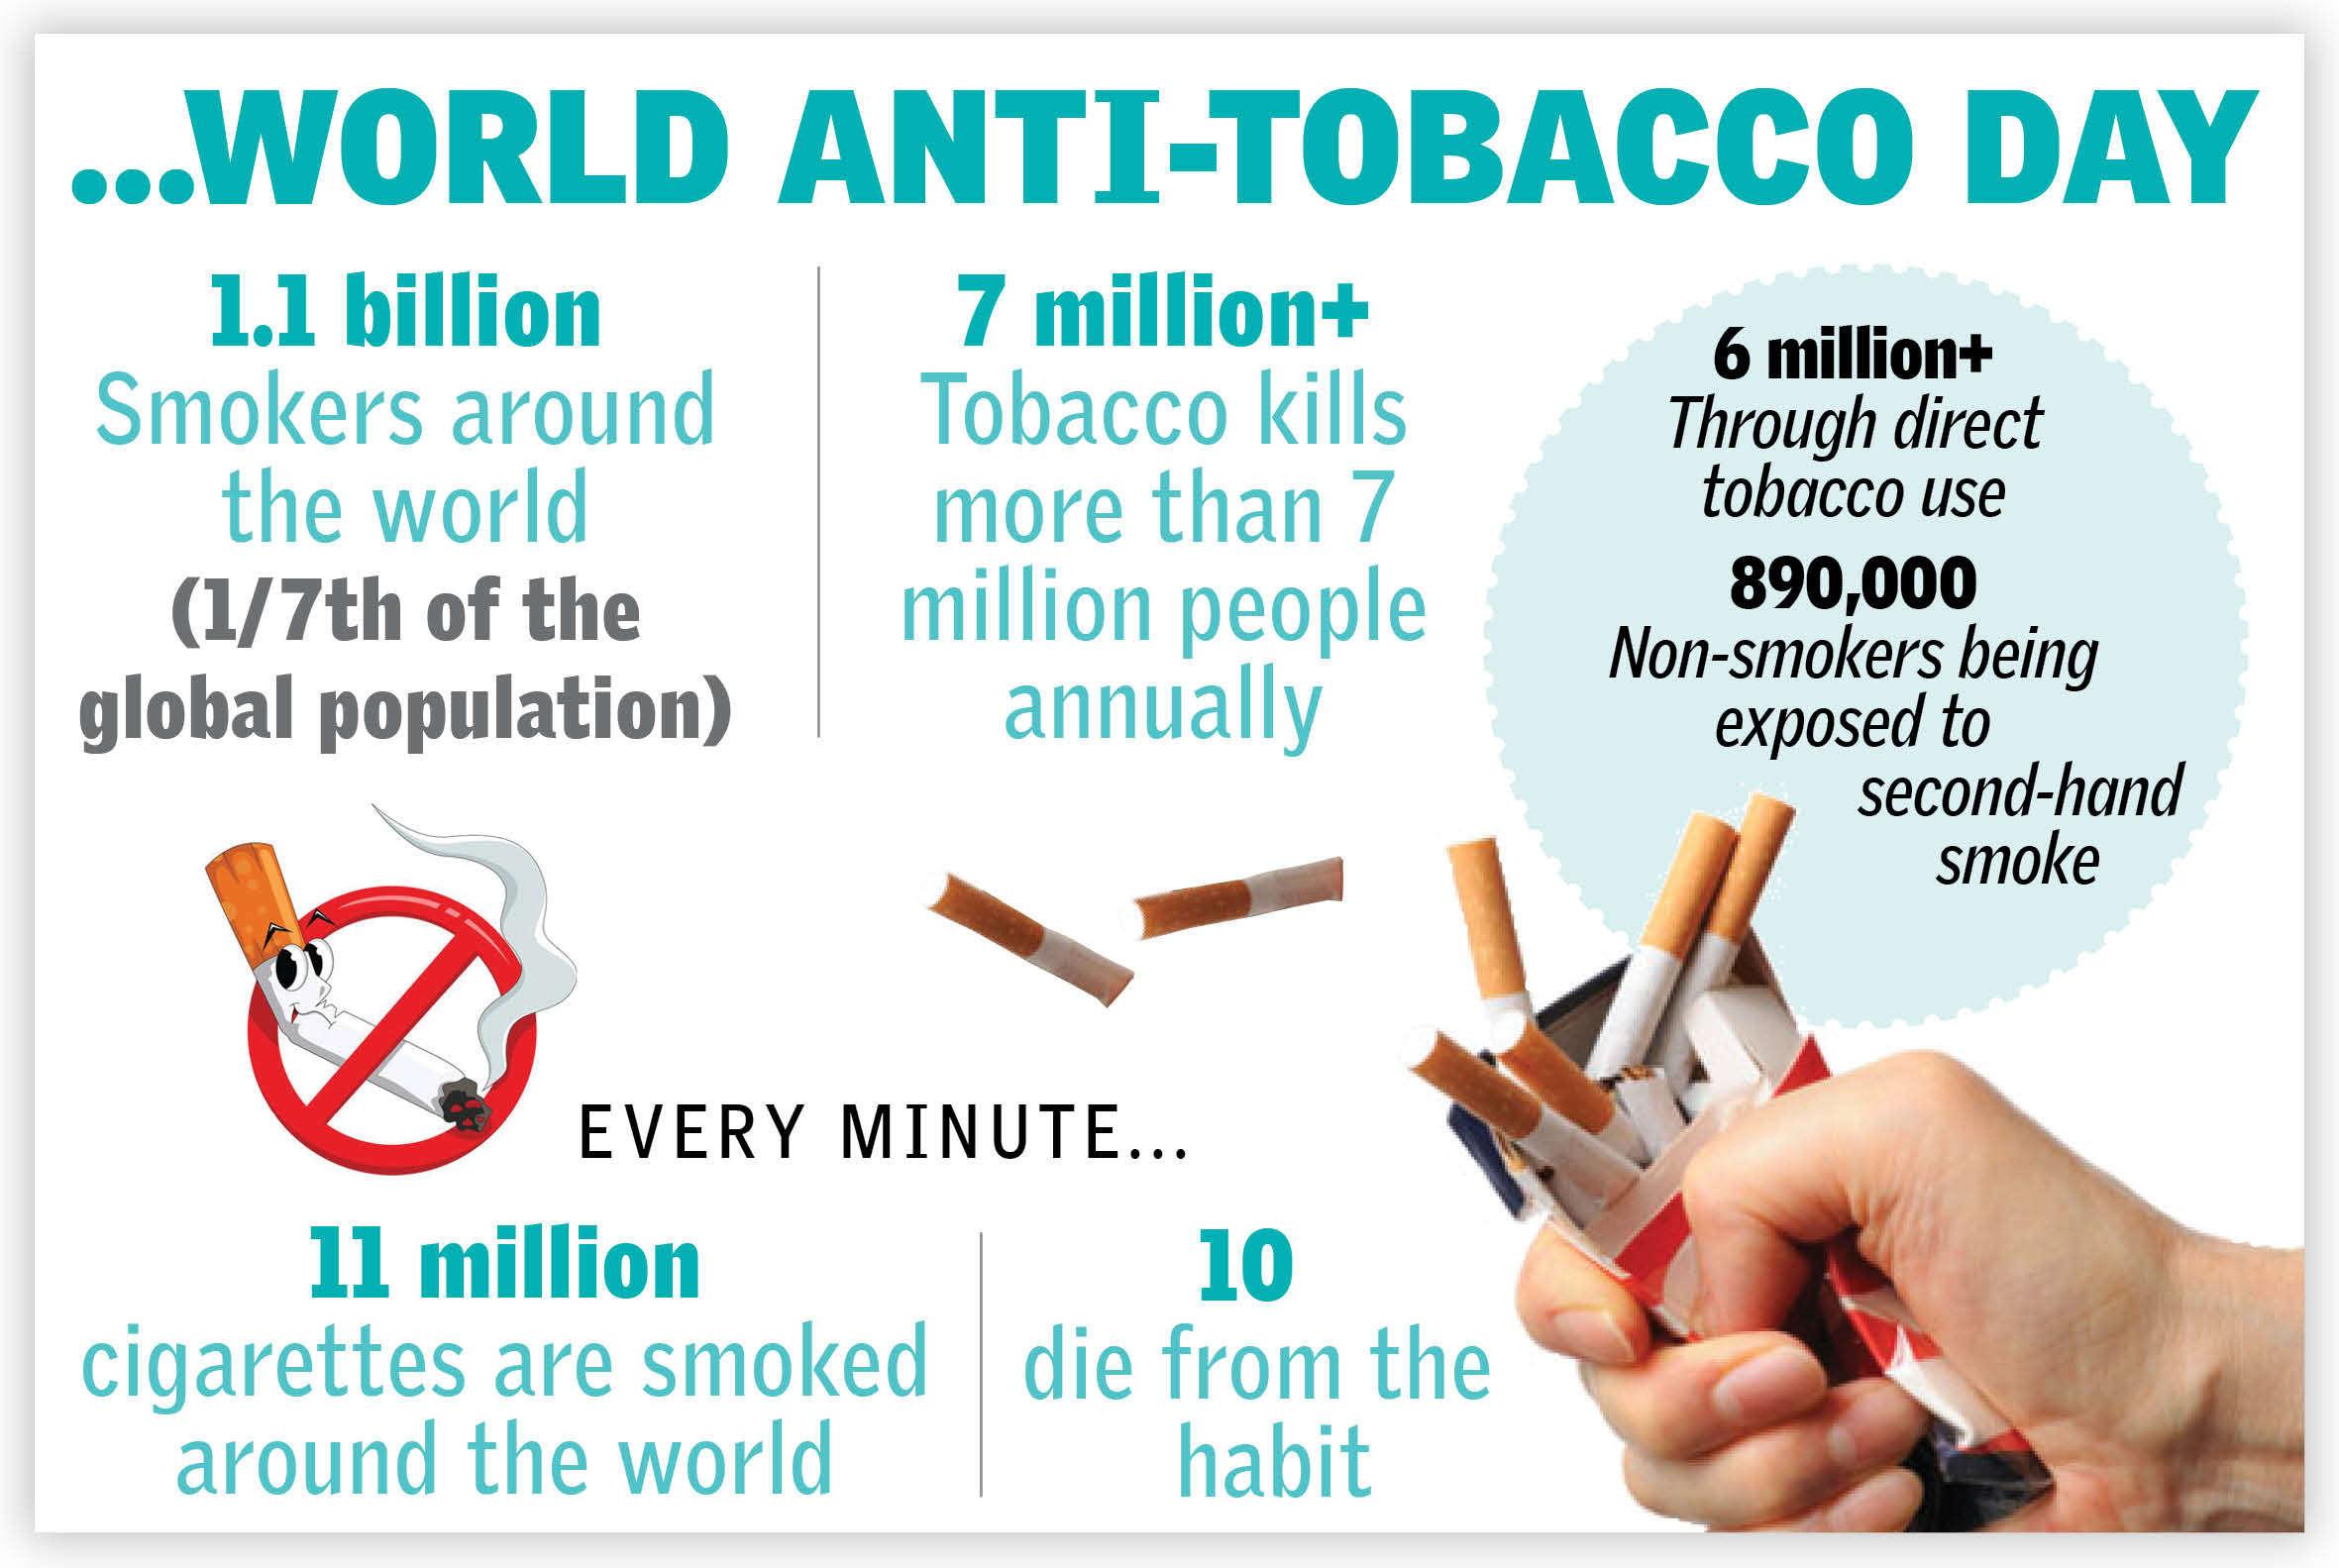 Smettere di fumare: primi giorni, i giorni più critici | Organic spray NicoZero